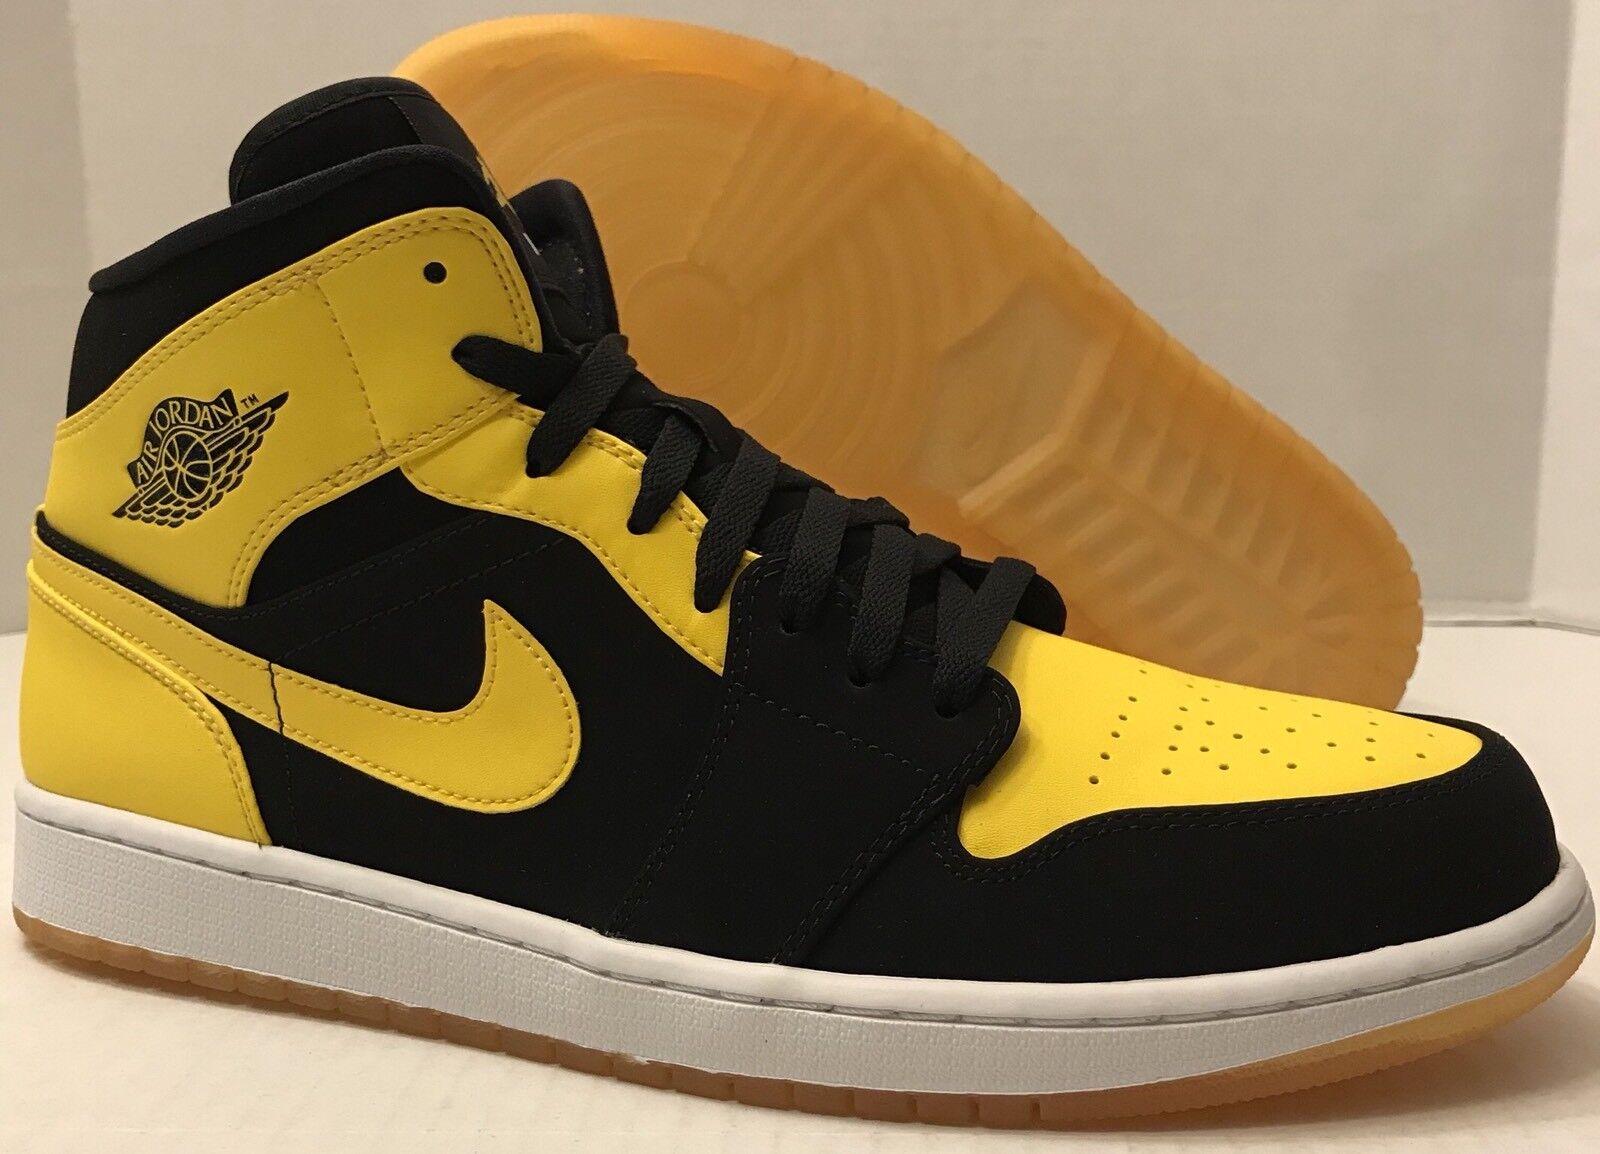 Nike air jordan 1 metà del nuovo amore 554724-035 nero / giallo (uomini e 13)